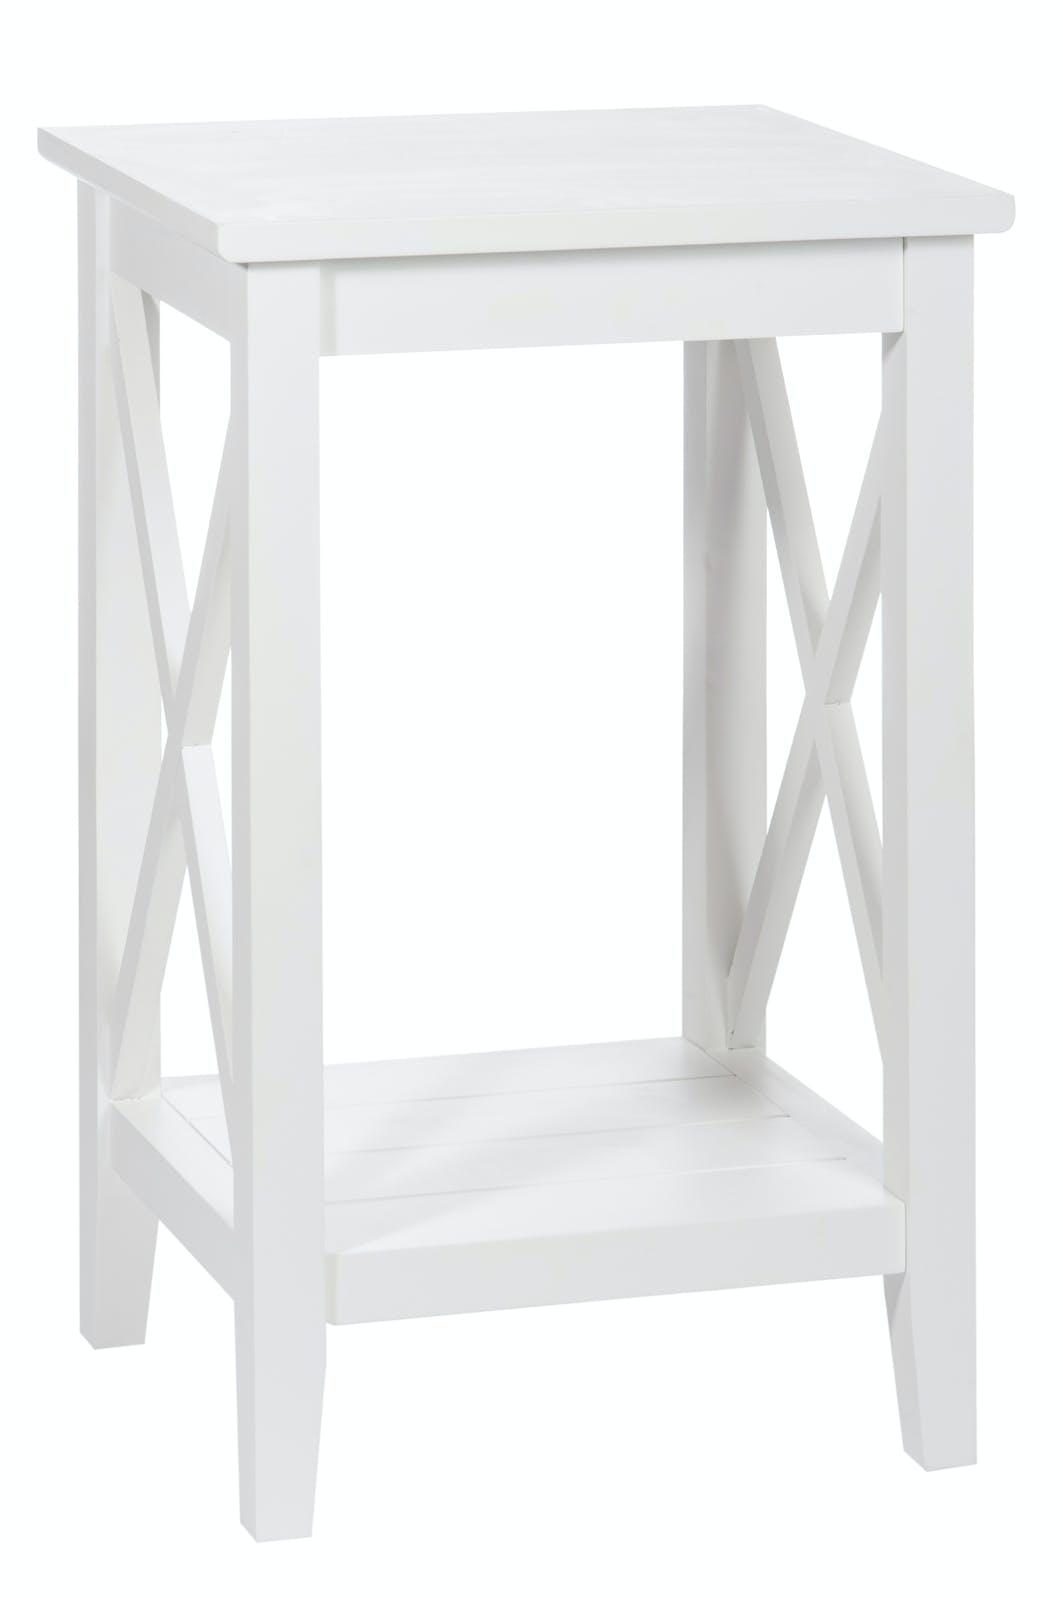 Bout de canapé bois blanc double plateau, pieds croisillons 40x35x65cm